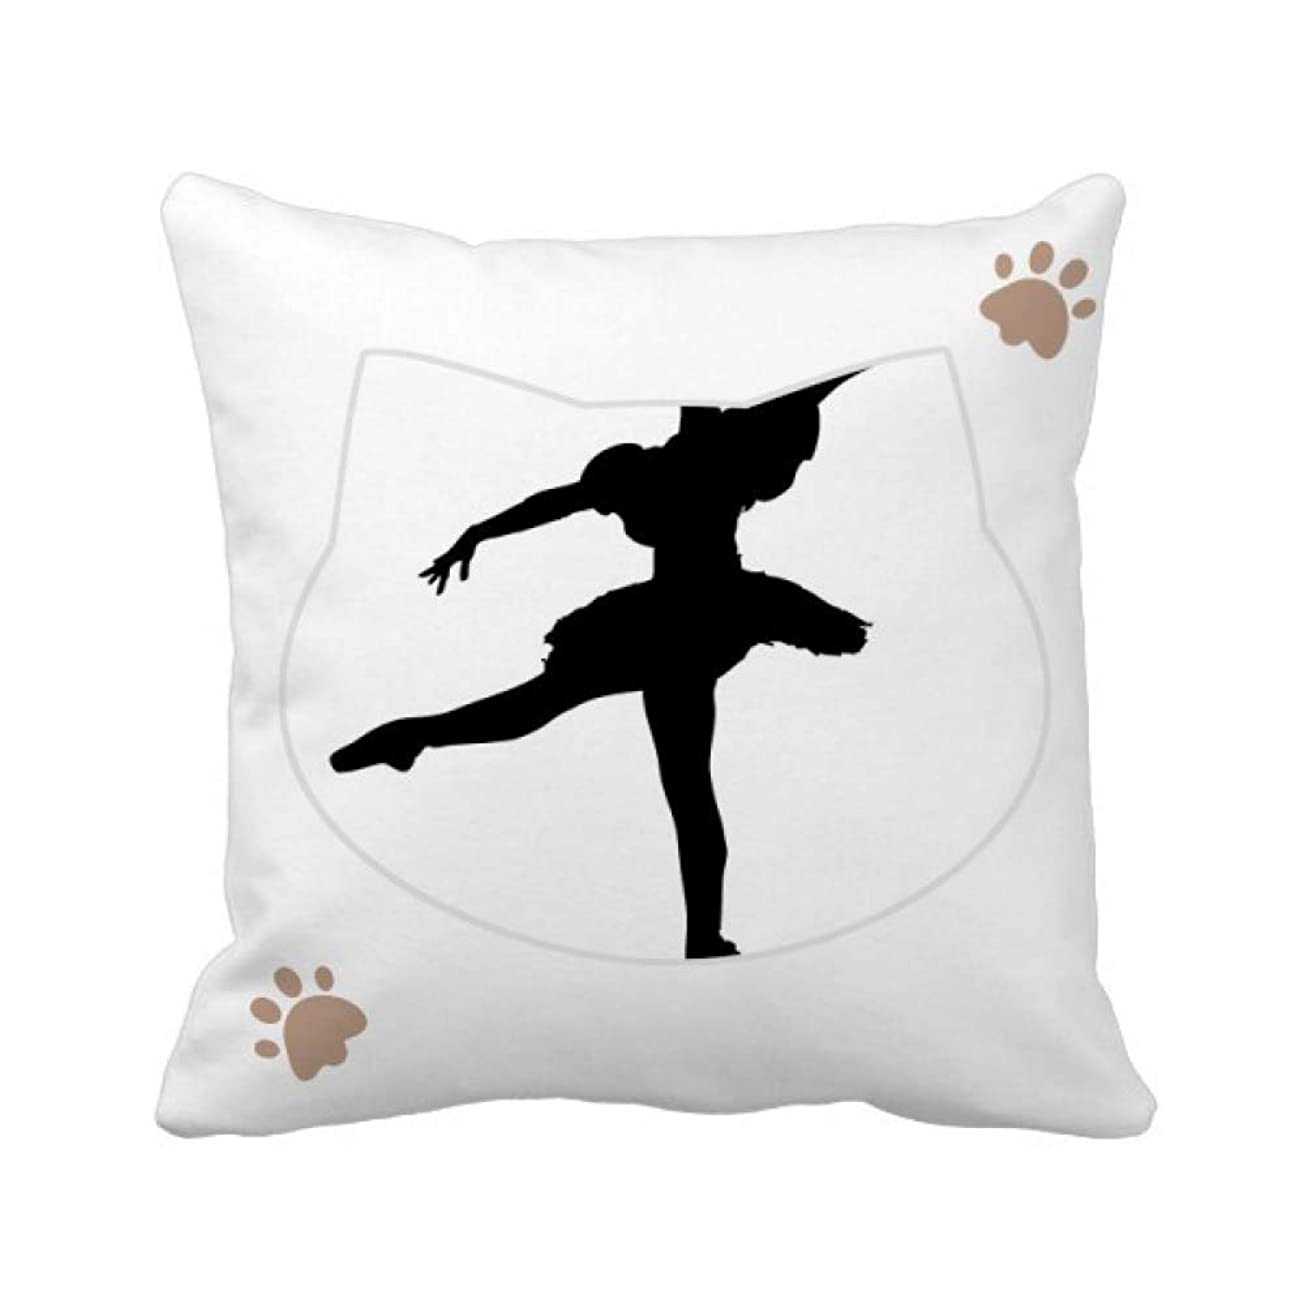 世界的にウェブ溶接ダンス?バレエ?アート?スポーツ 枕カバーを放り投げる猫広場 50cm x 50cm